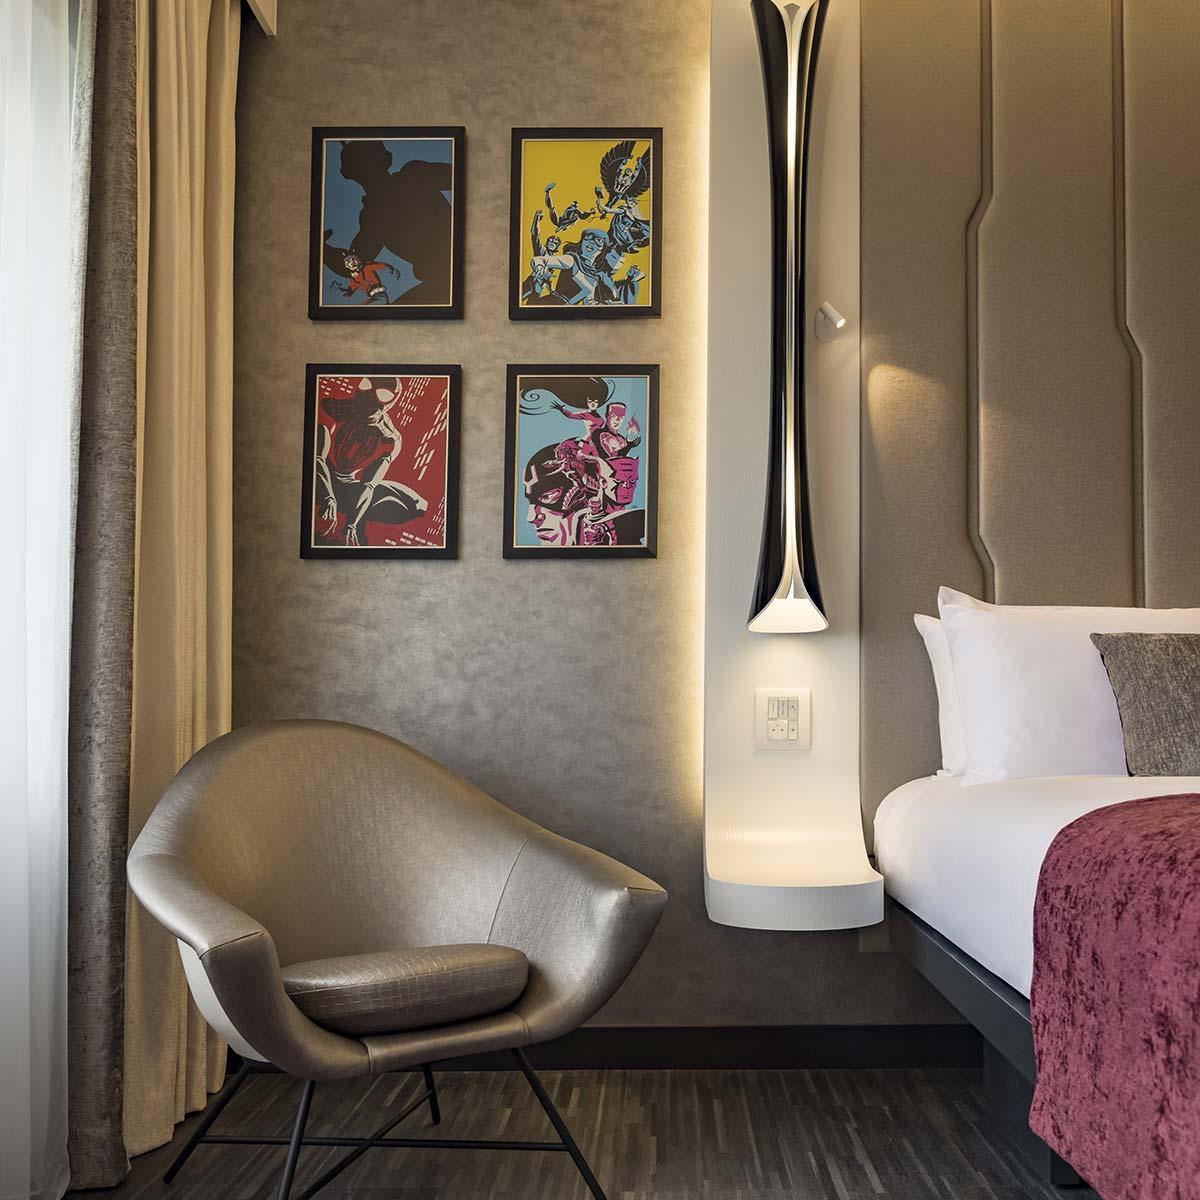 Camere Club, Suite e una club lounge all'altezza di Tony Stark